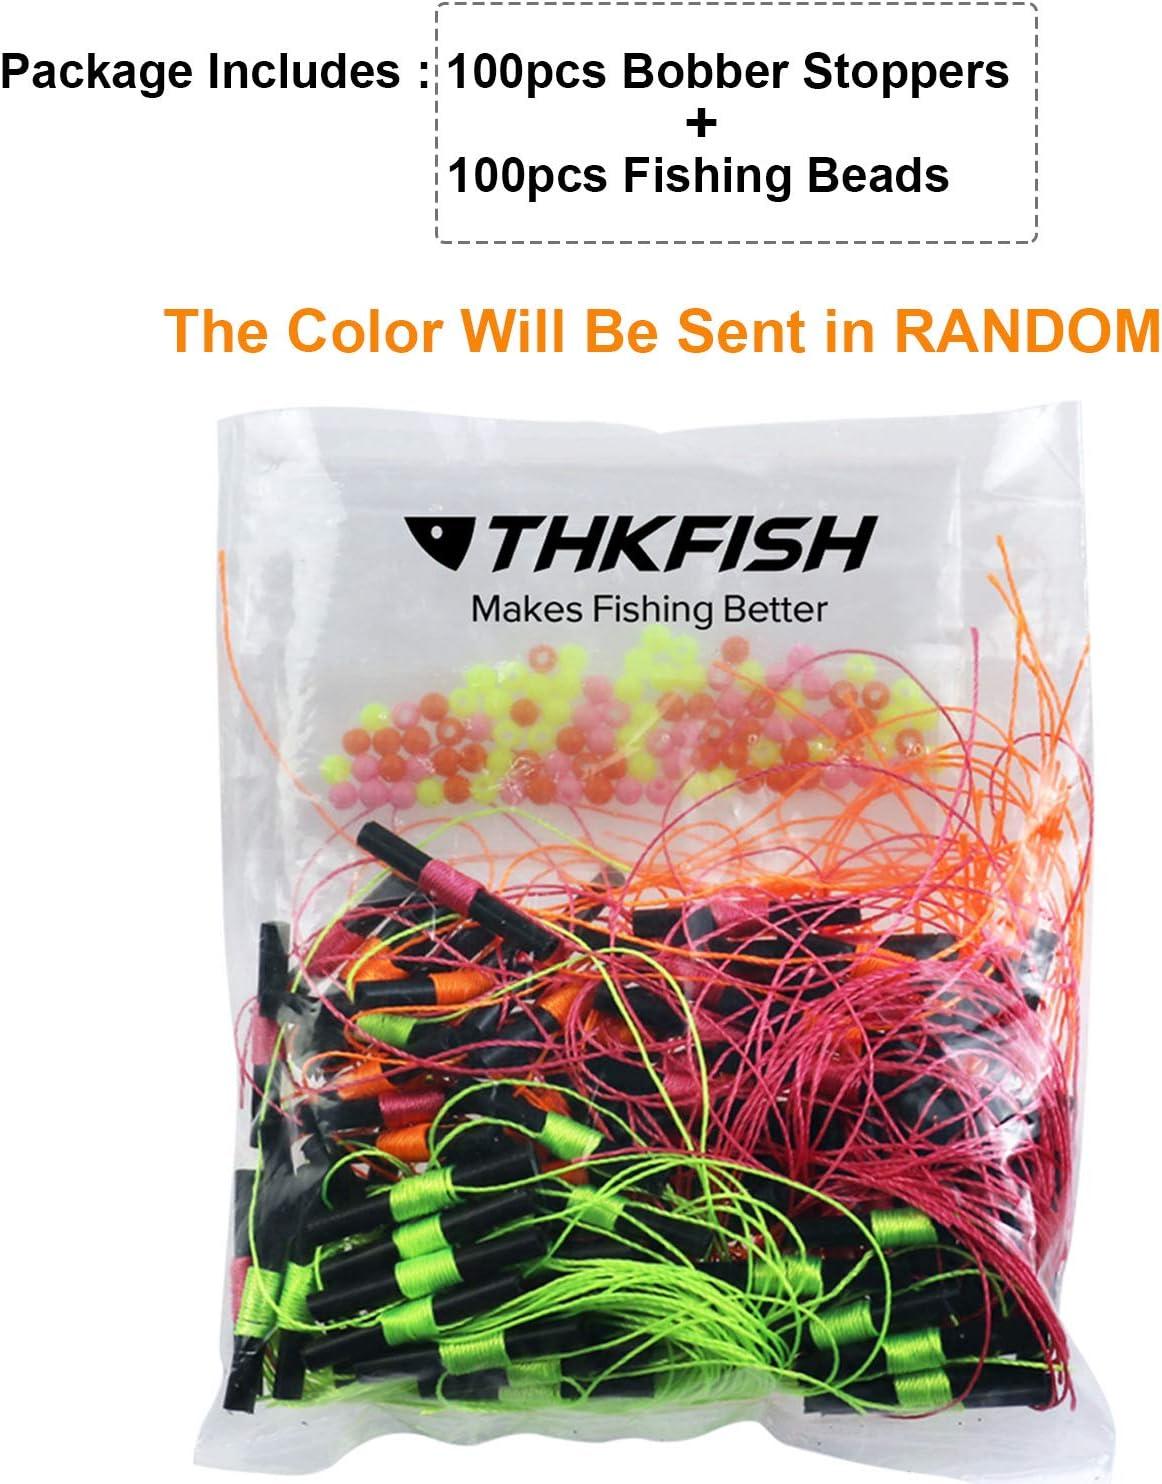 thkfish Bobber Stoppers Bobber Stops for Fishing Float Fishing Bobbers Stoppers for Fishing with Beads 100pcs